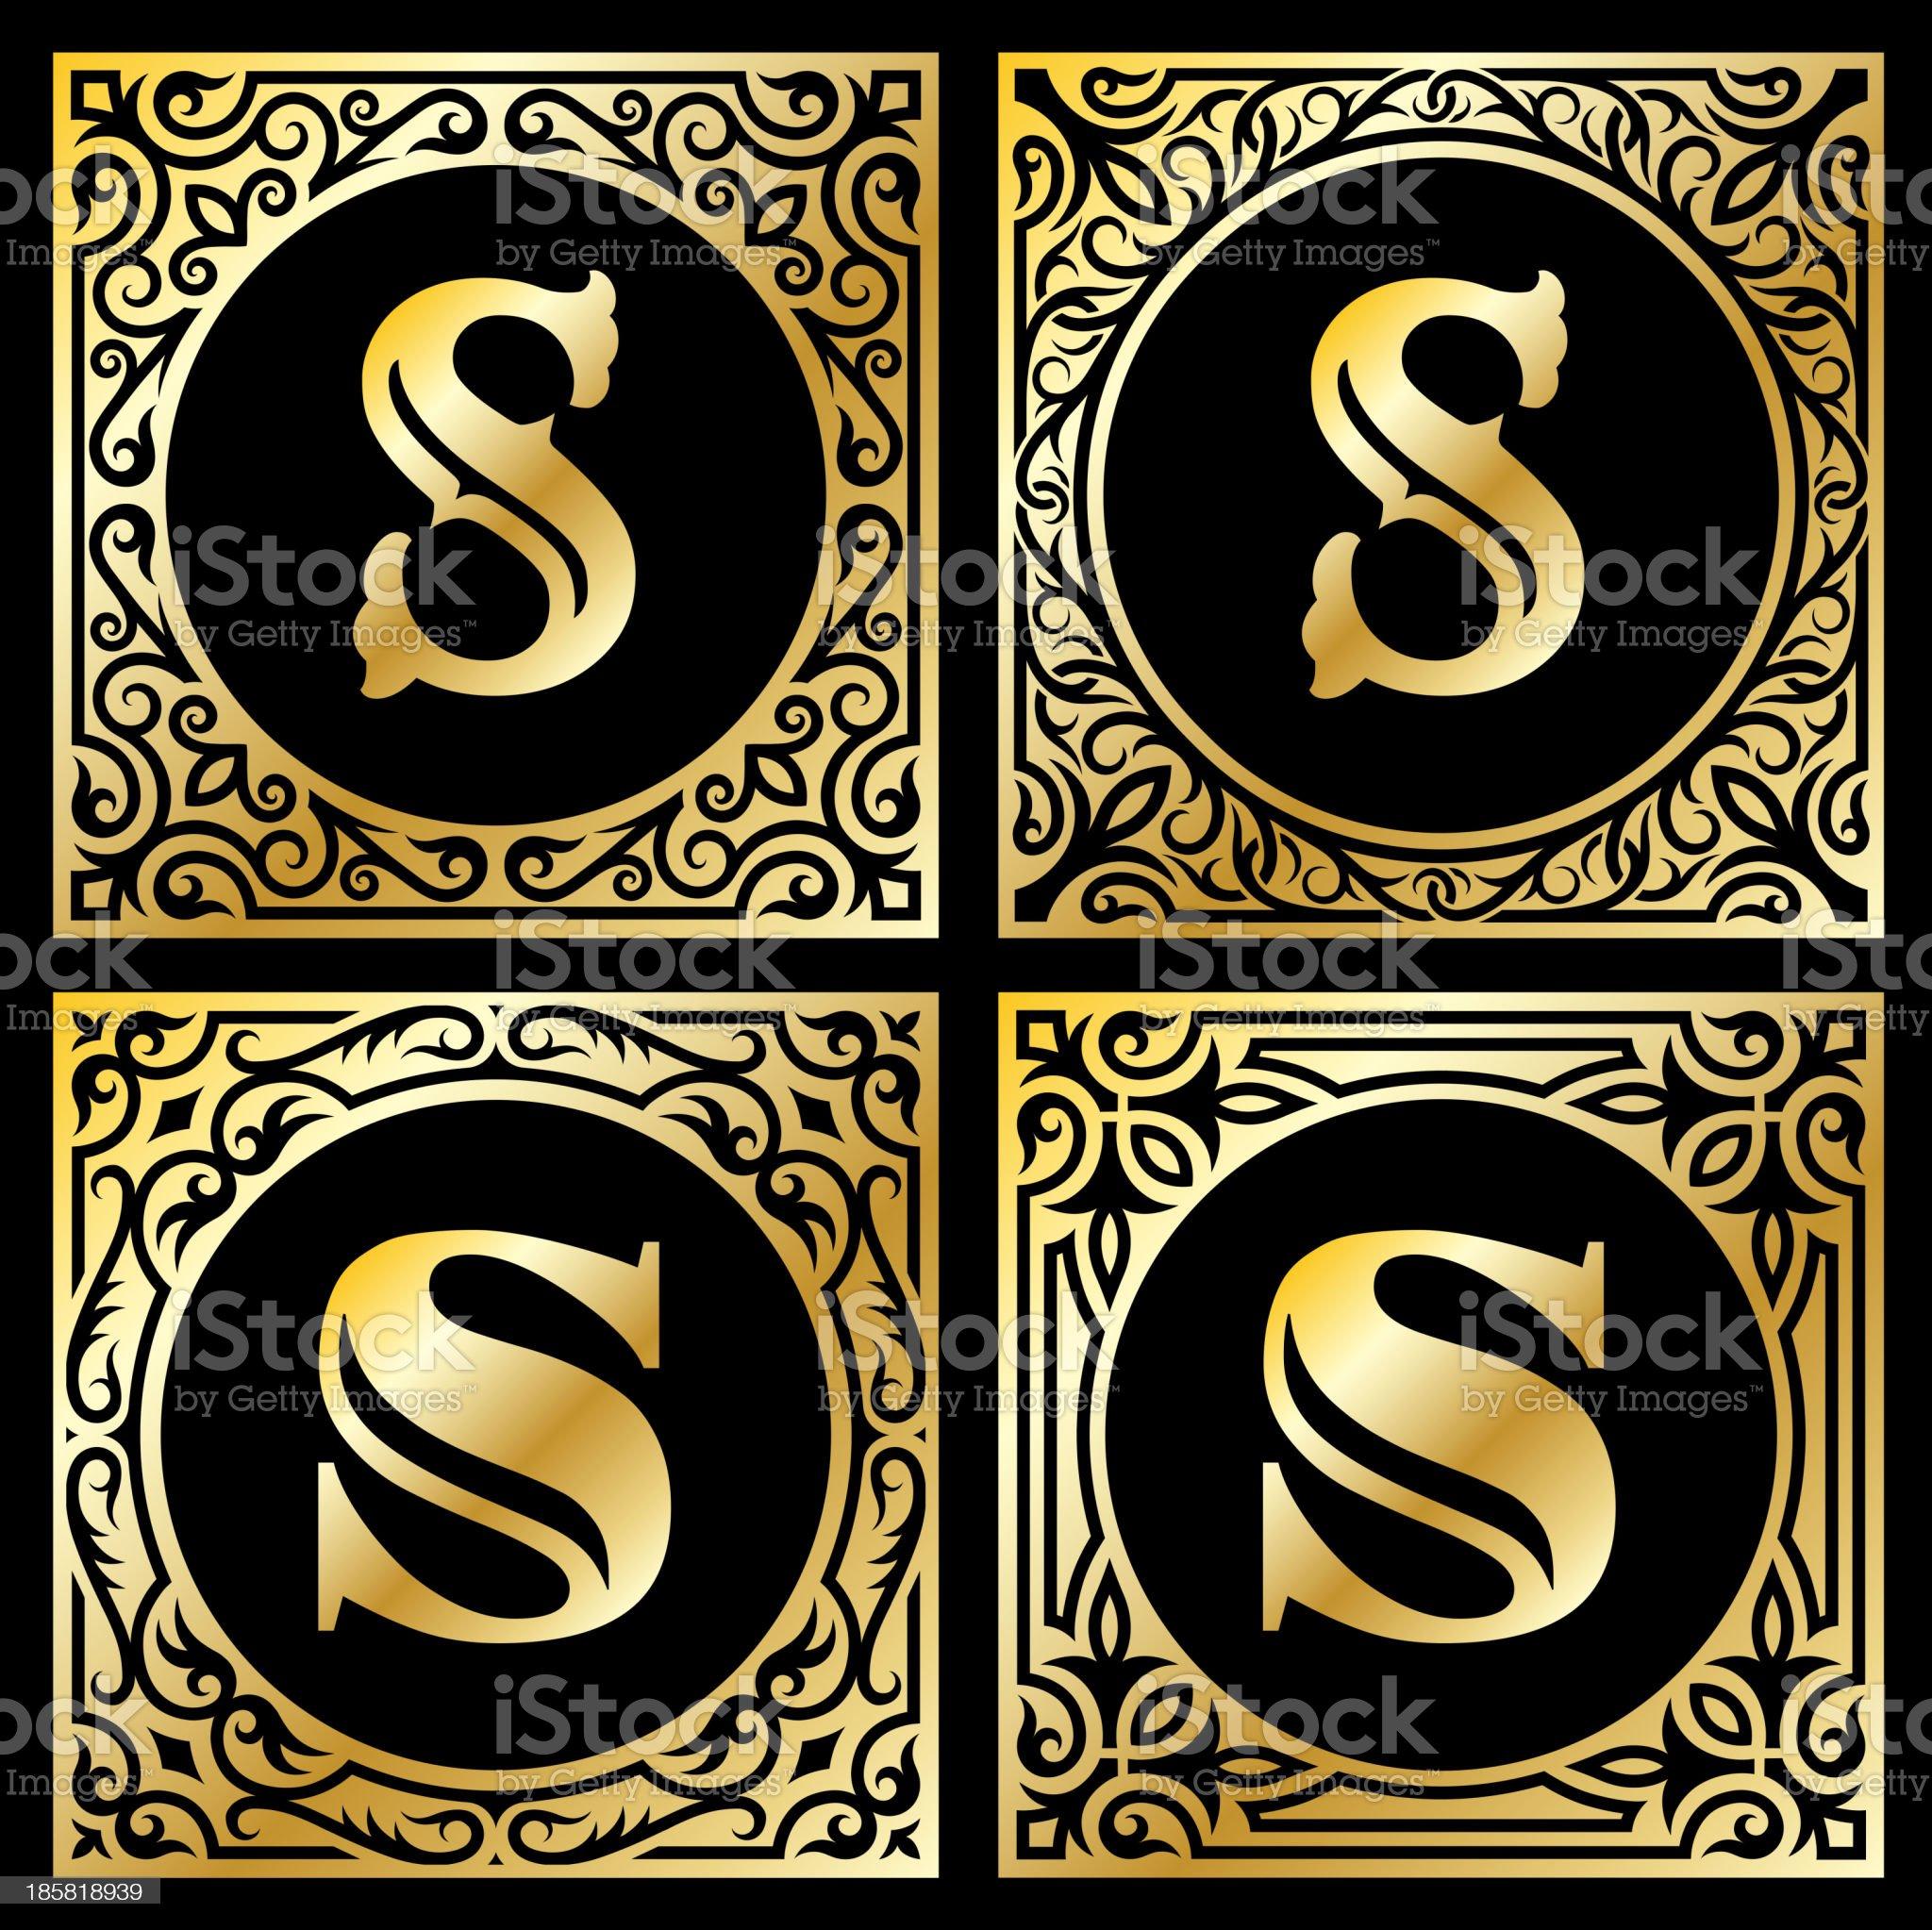 Letter S in Golden Frame royalty-free stock vector art